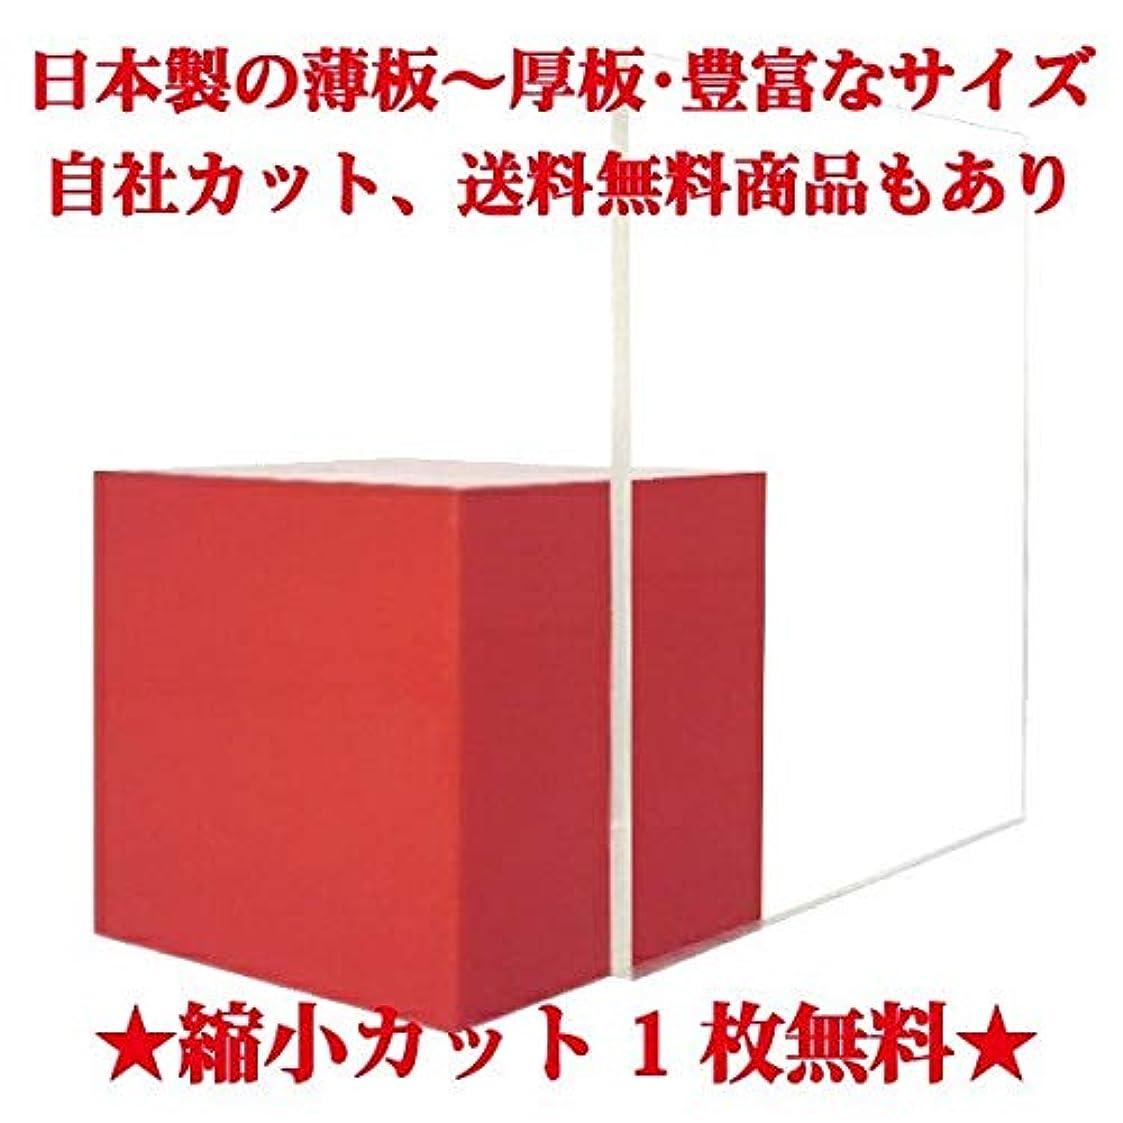 ほうき特異性頬日本製 パラグラス アクリル板 透明(キャスト板) 厚み8mm 300X900mm 縮小カット1枚無料 カンナ?糸面取り仕上(エッジで手を切る事はありません)(業務用?キャンセル返品不可) レーザーカット可